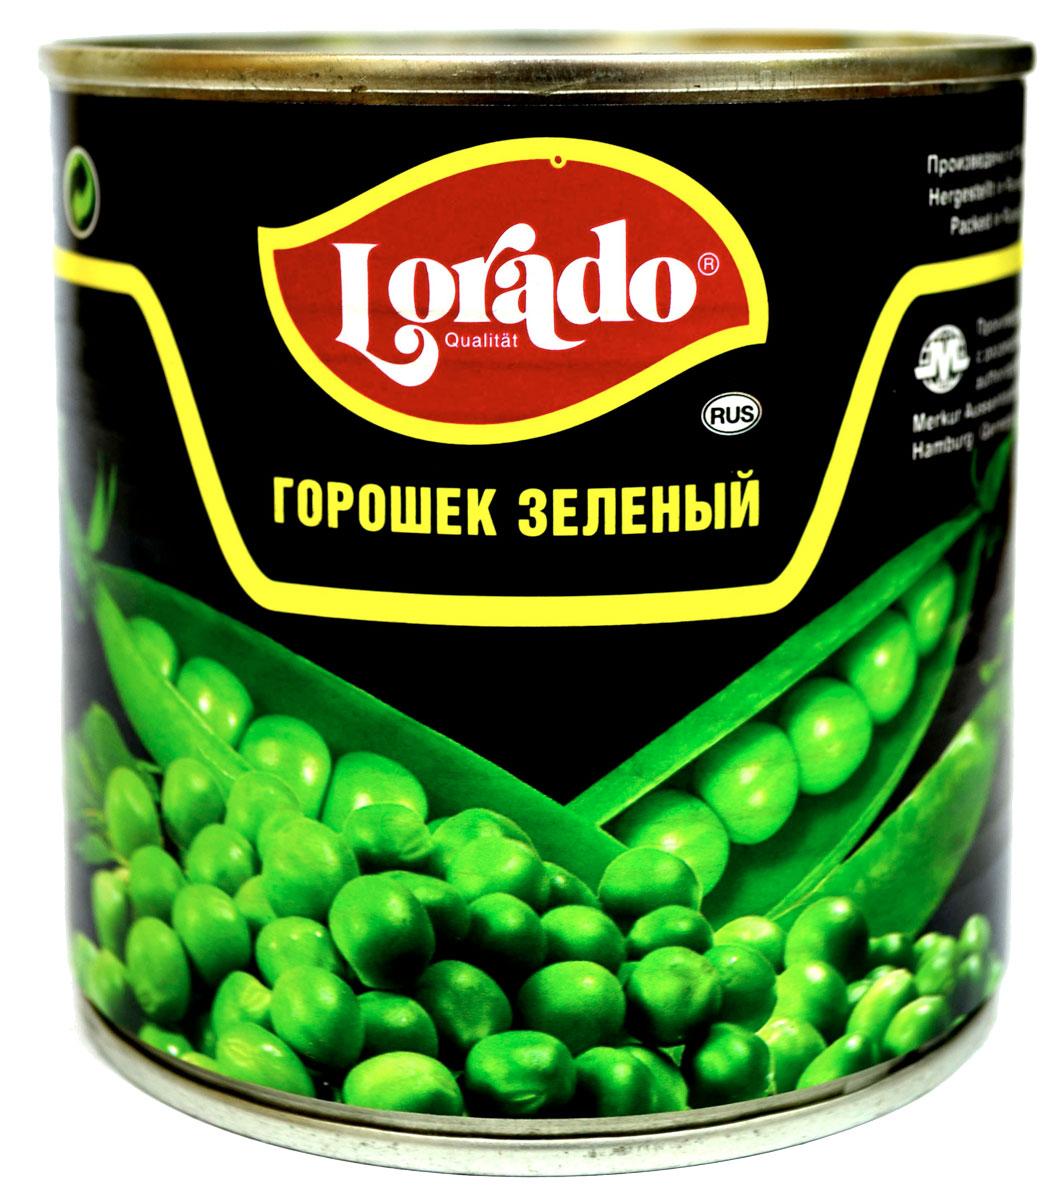 Lorado Горошек зеленый, 3,1 кг lorado горошек зеленый высший сорт гост 425 мл